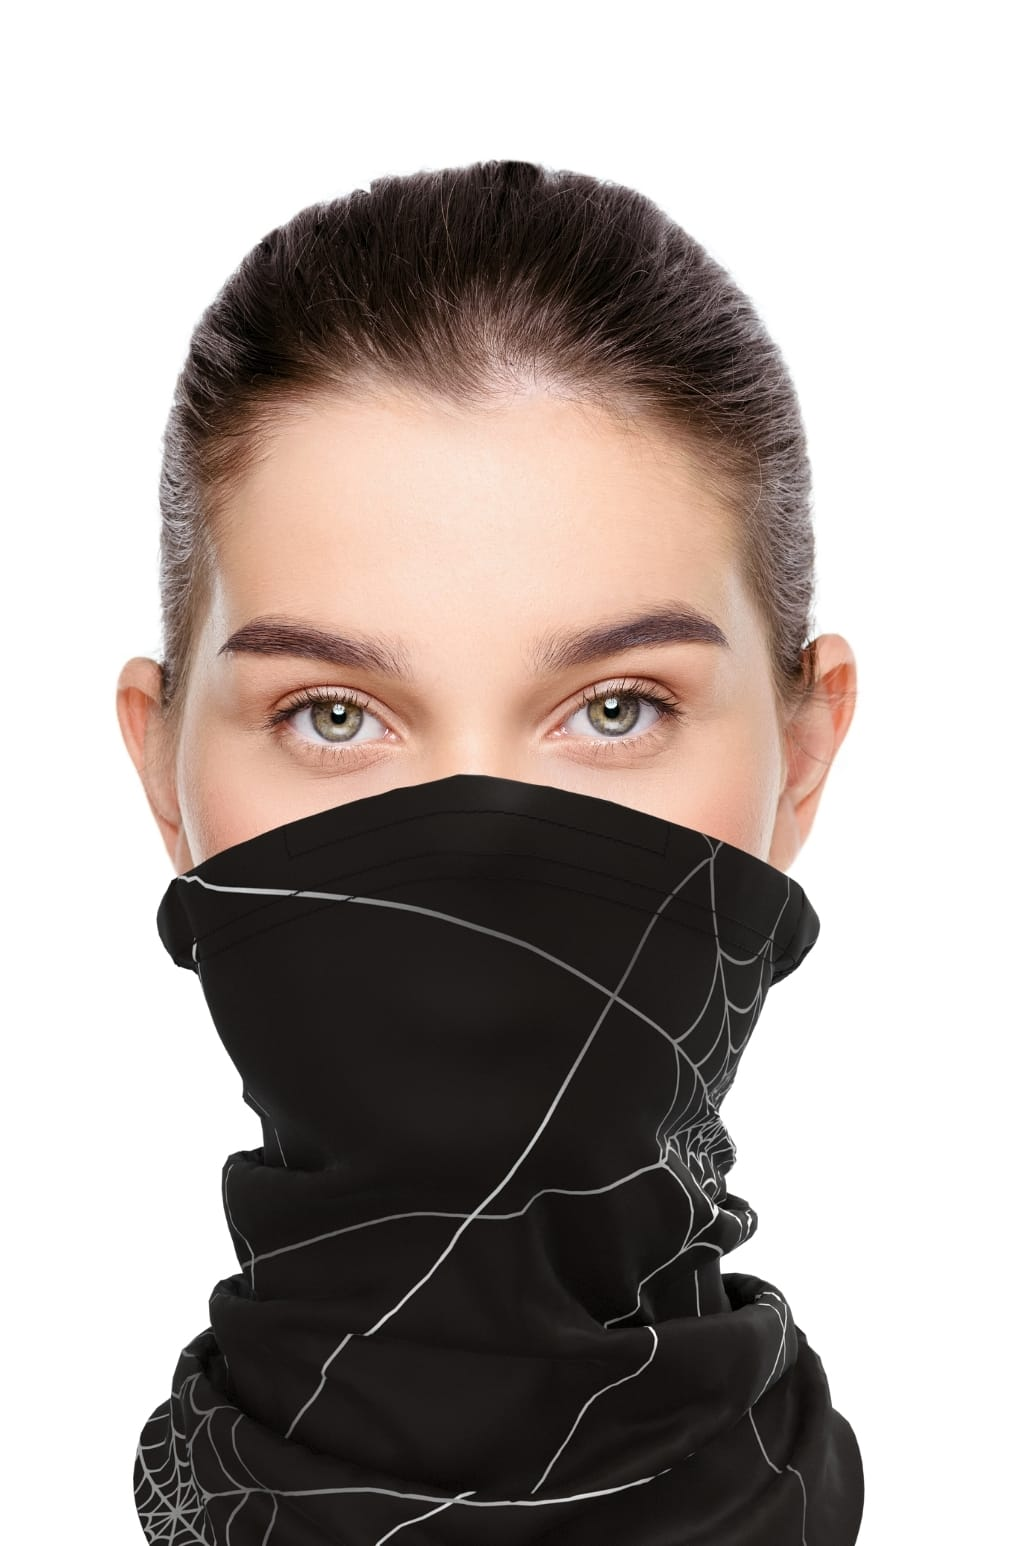 Antivirový šátek nanoSPACE - černý FFP2 dle dTestu